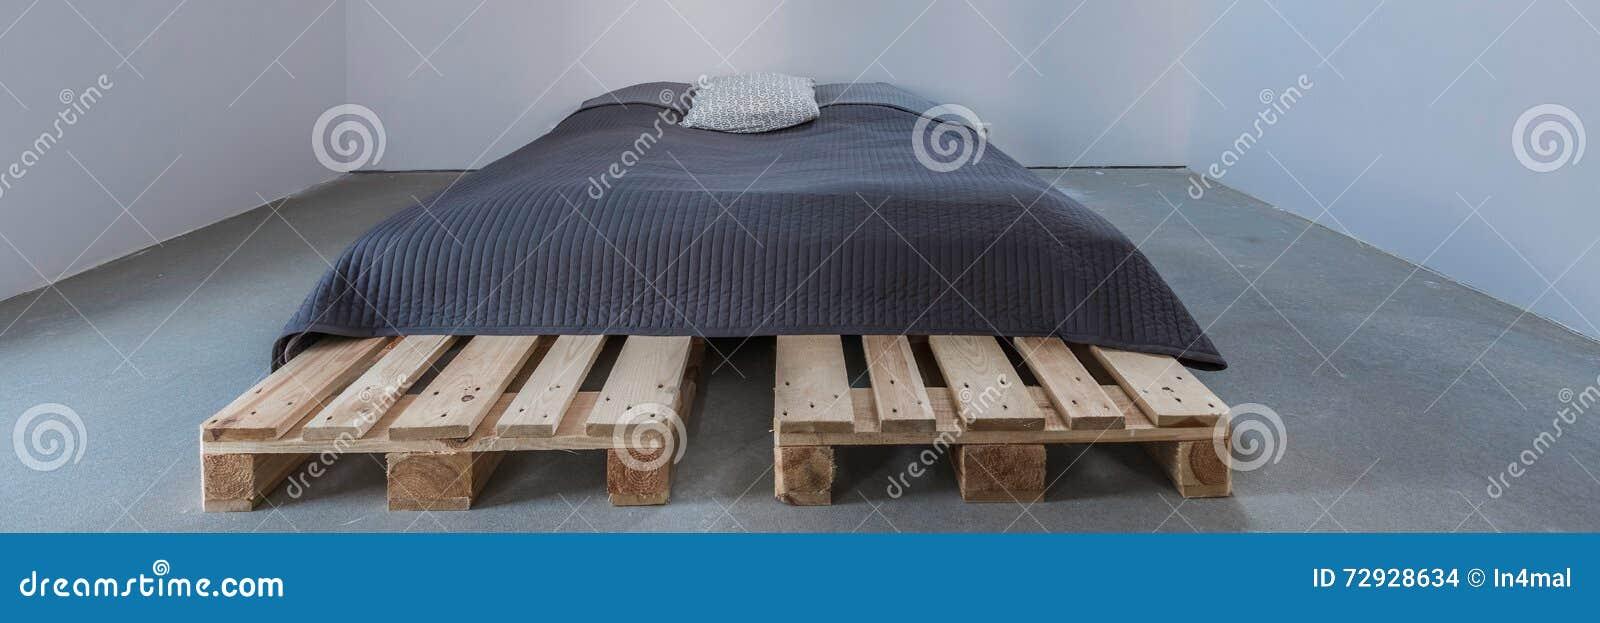 Stilvolles und einfaches Bett